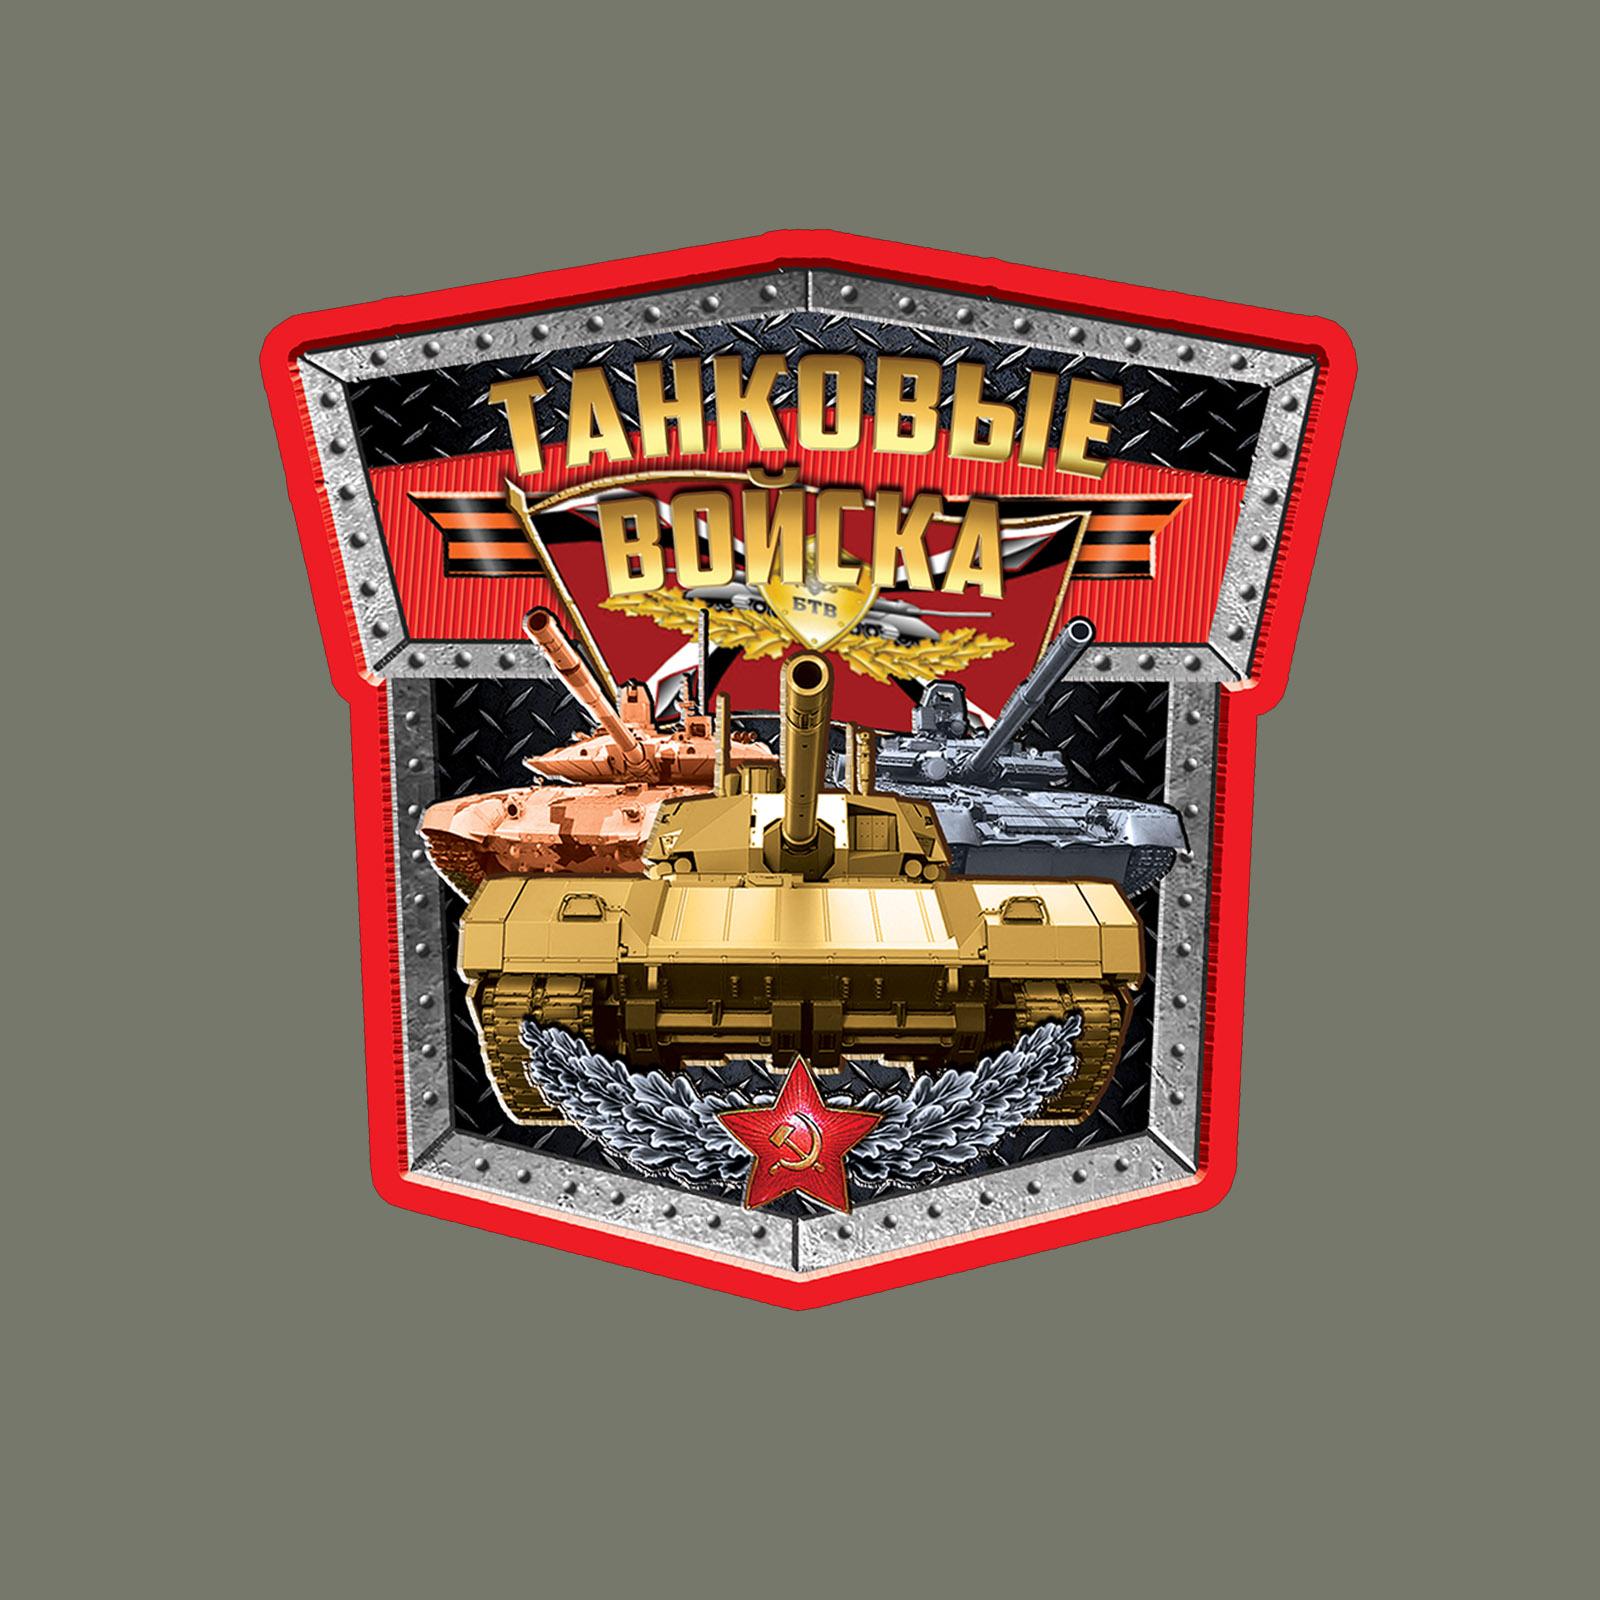 Хлопковая классическая футболка Танковых Войск.